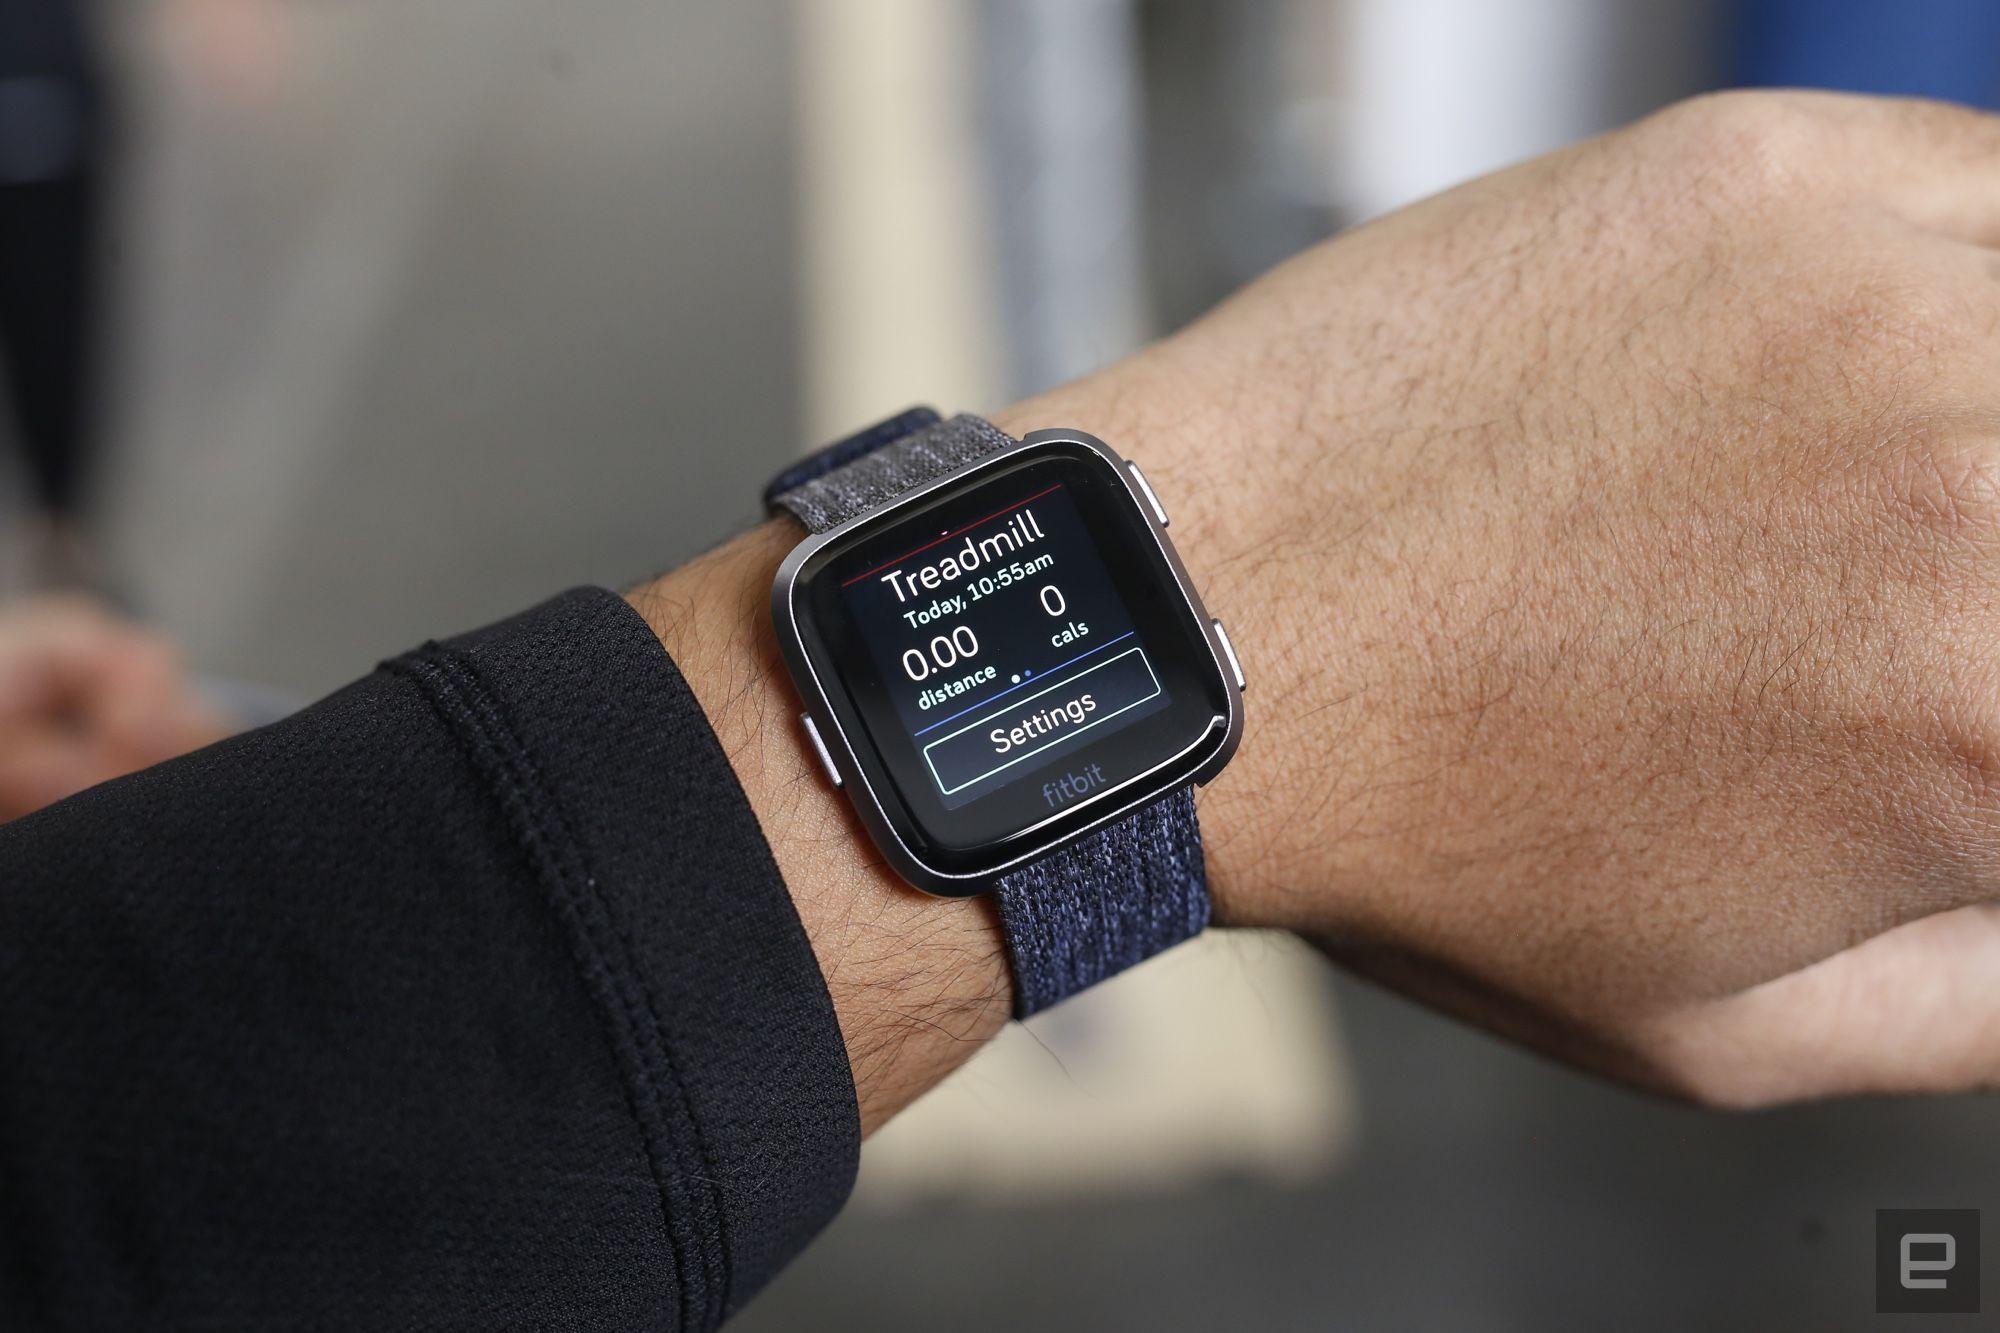 售价200 美元的Fitbit Versa 是一款更容易被大众接受的健身手表